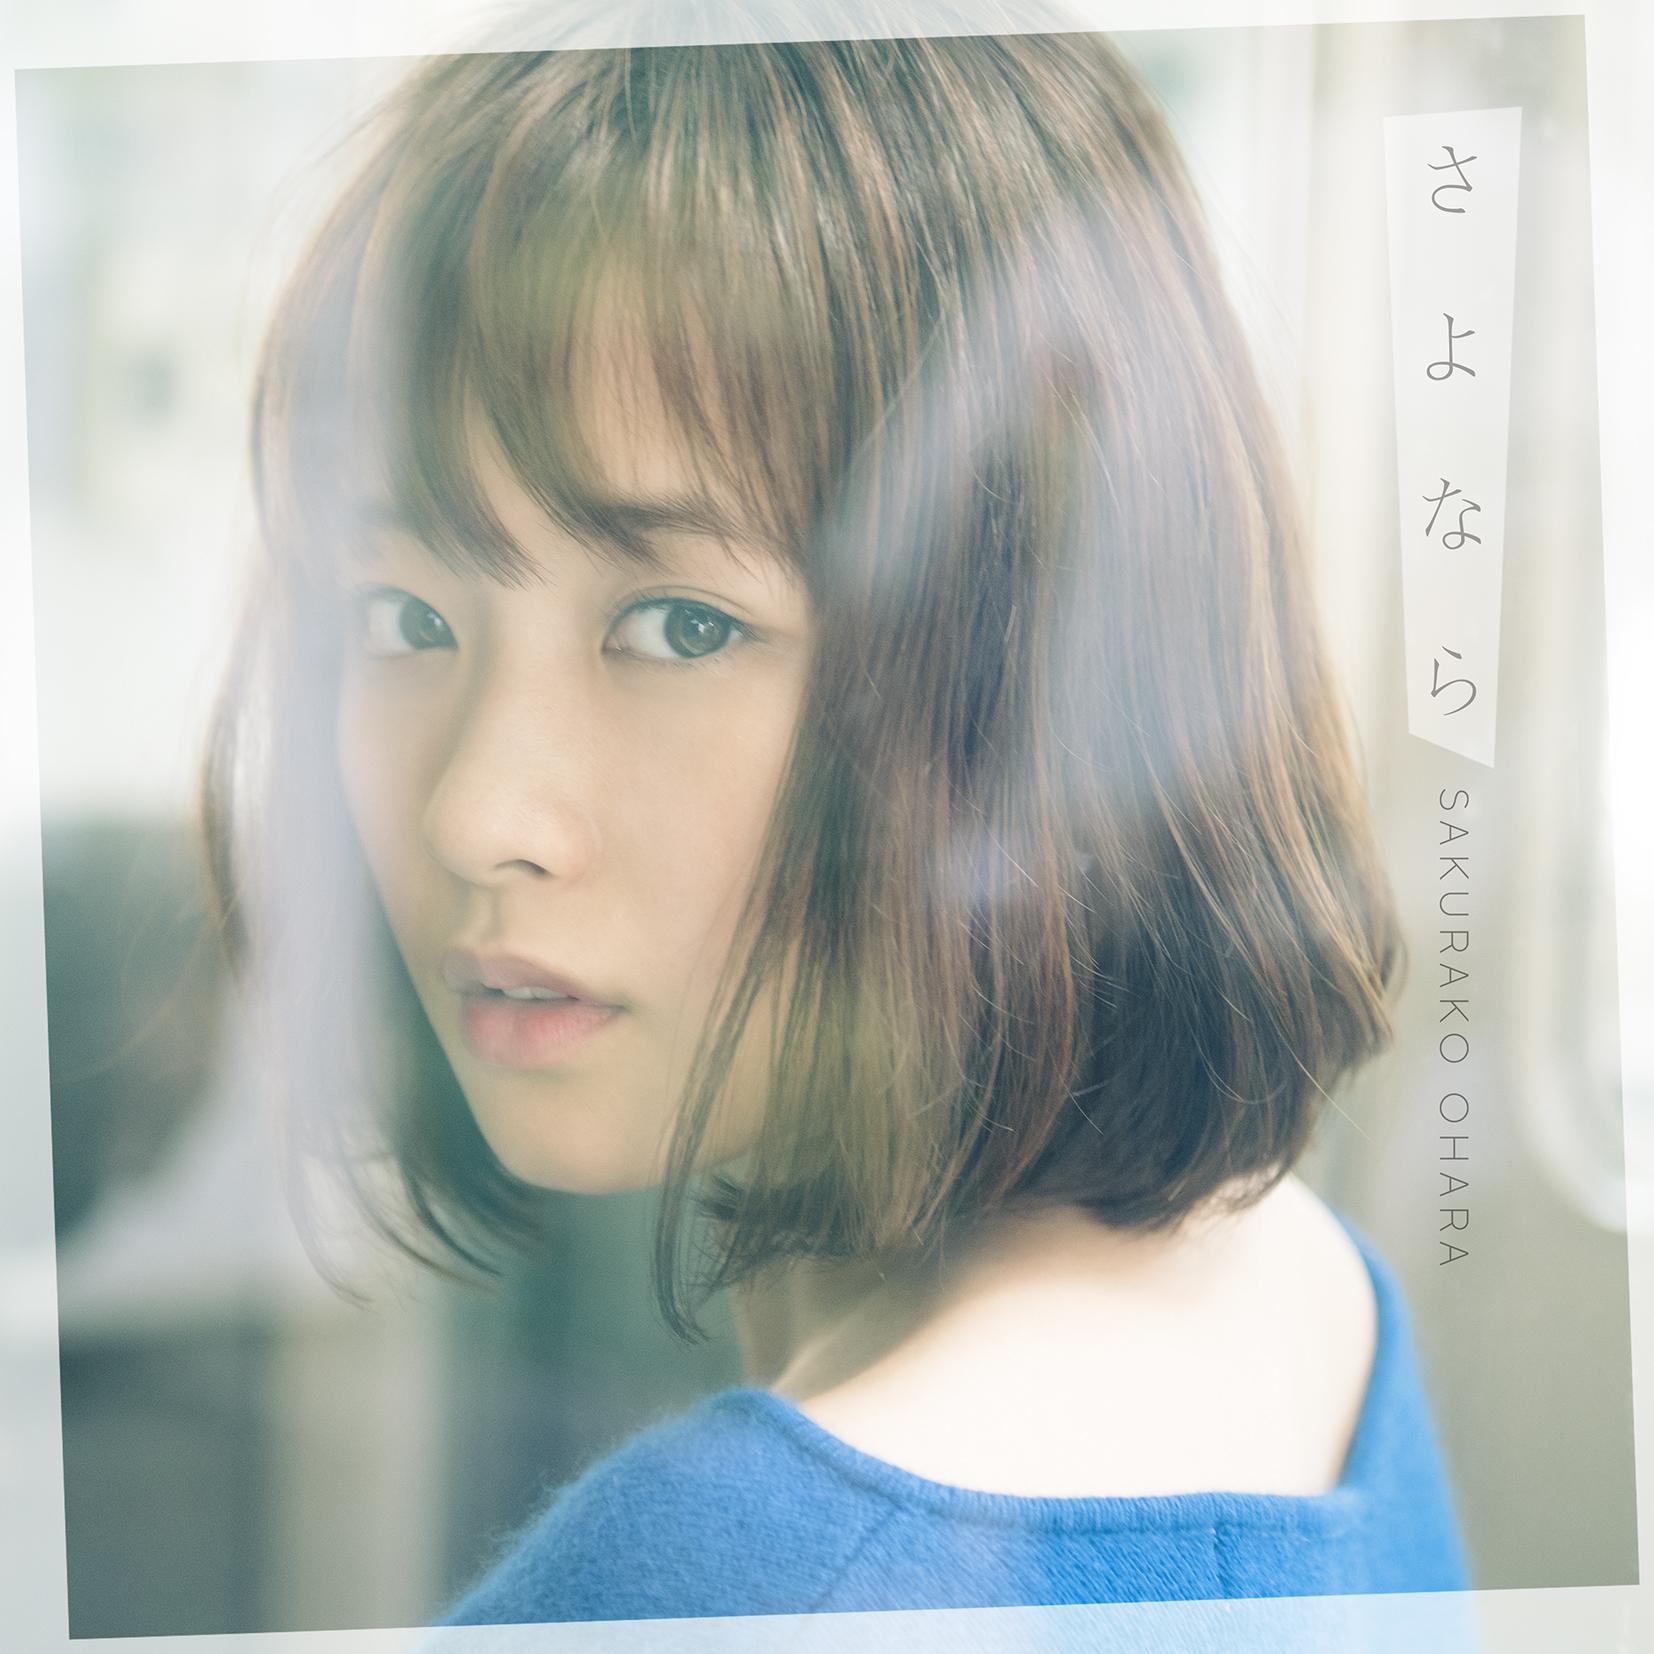 大原櫻子「さよなら」通常盤